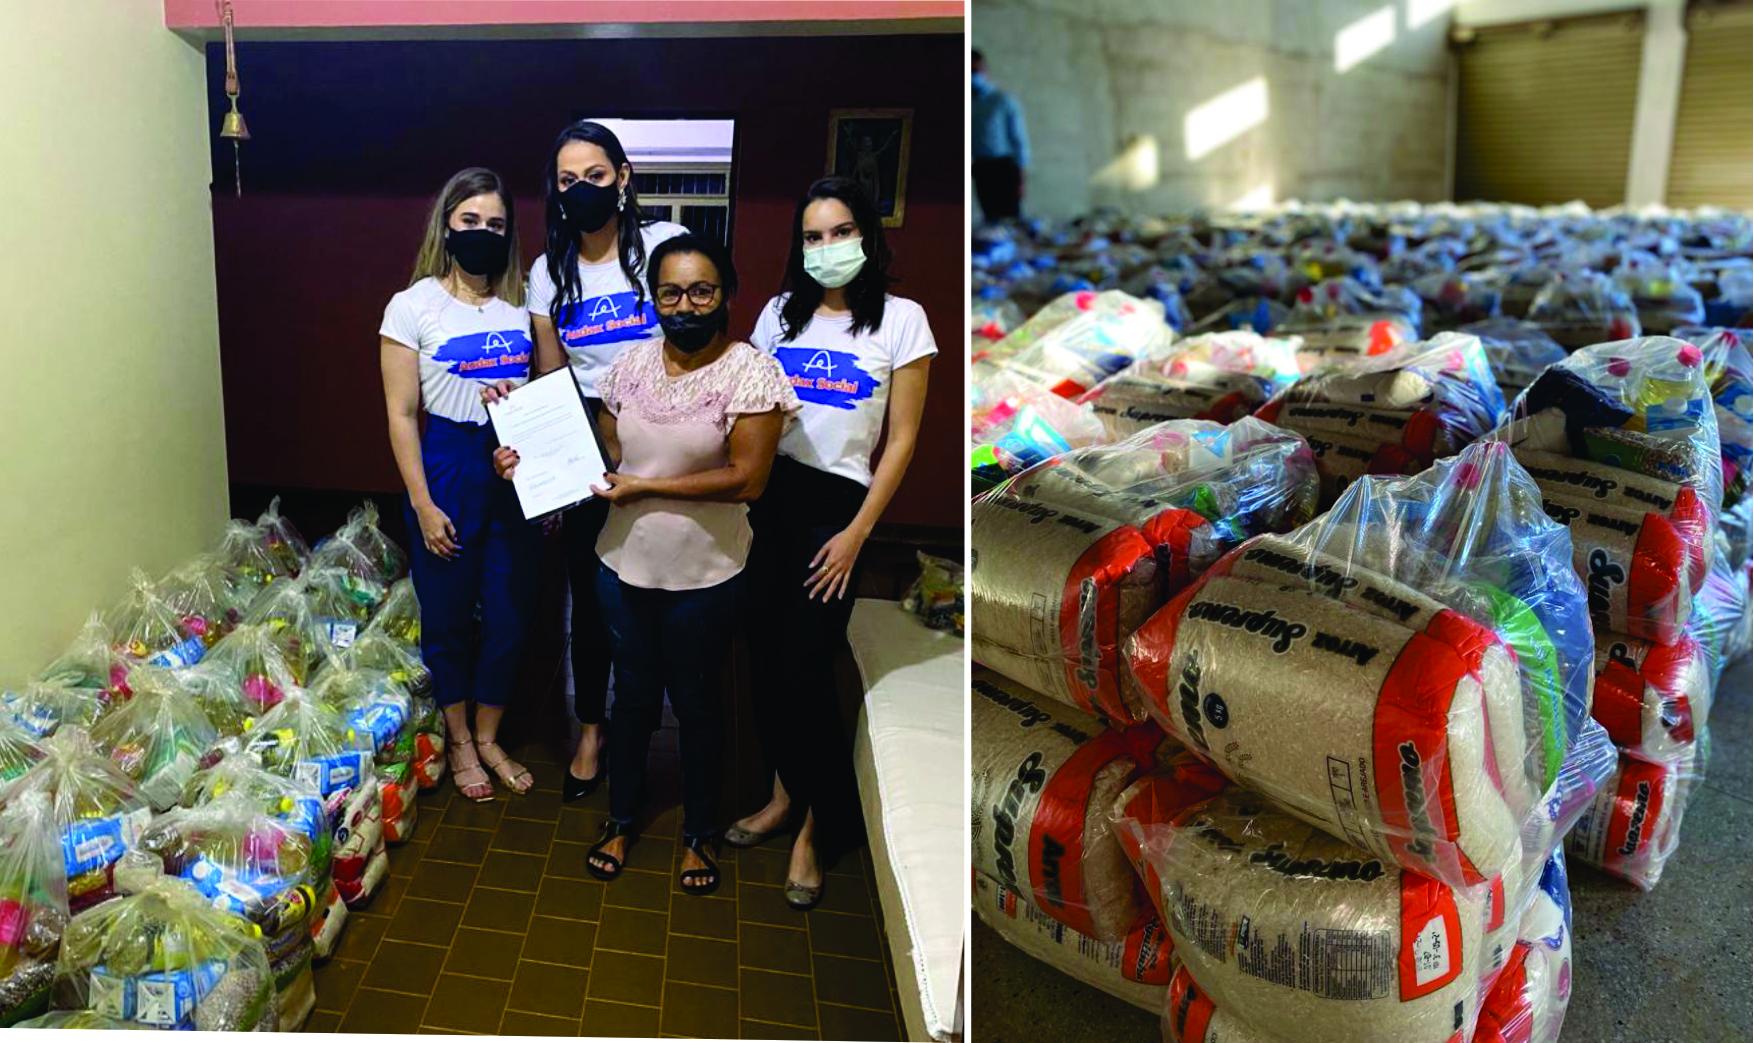 Abril Solidário: Ação solidária promovida pela Audax arrecada toneladas de alimentos